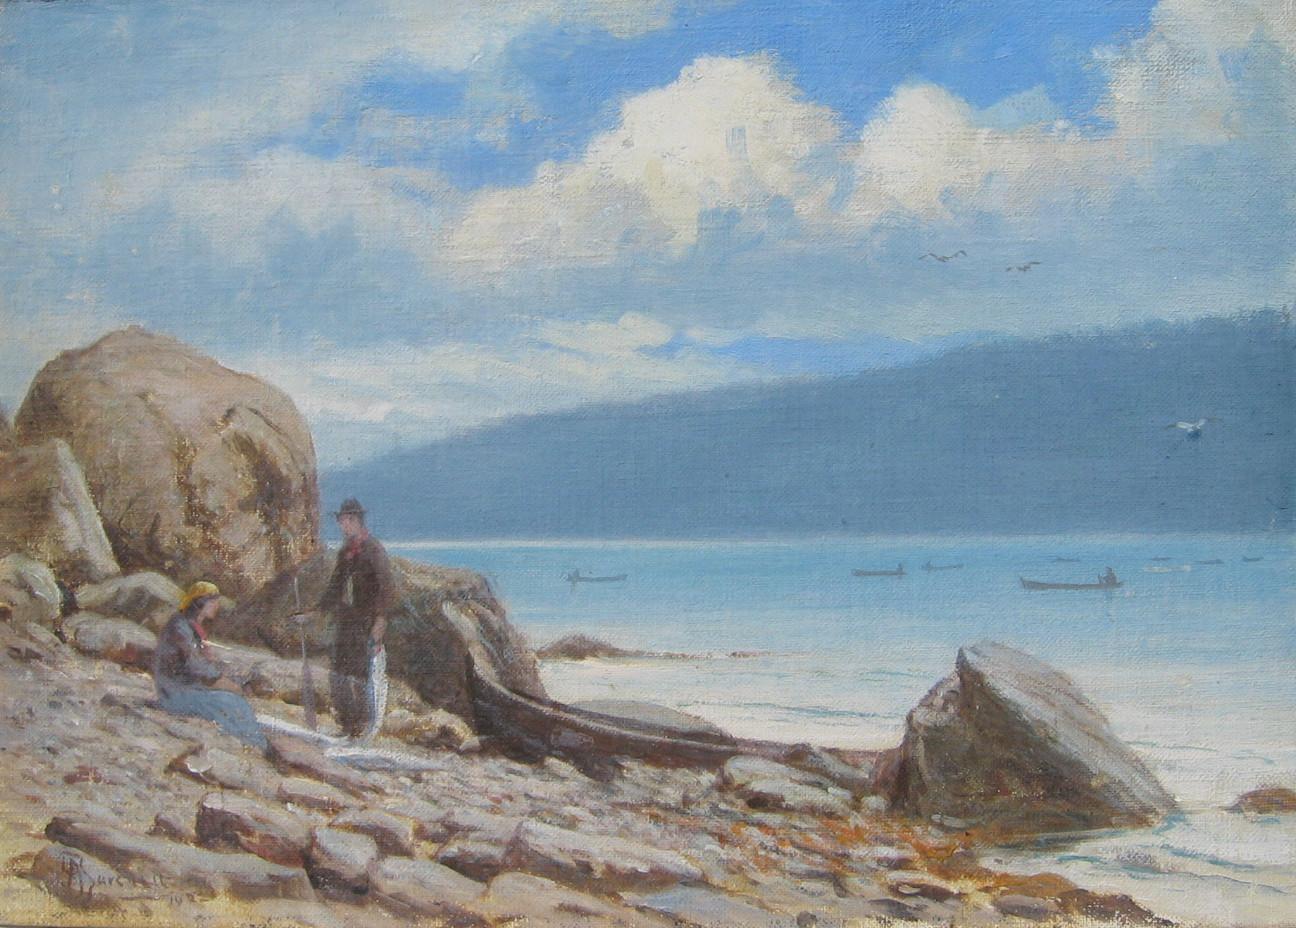 Arthur Burchett, Salmon Fishing, Cowichan Bay, 1923